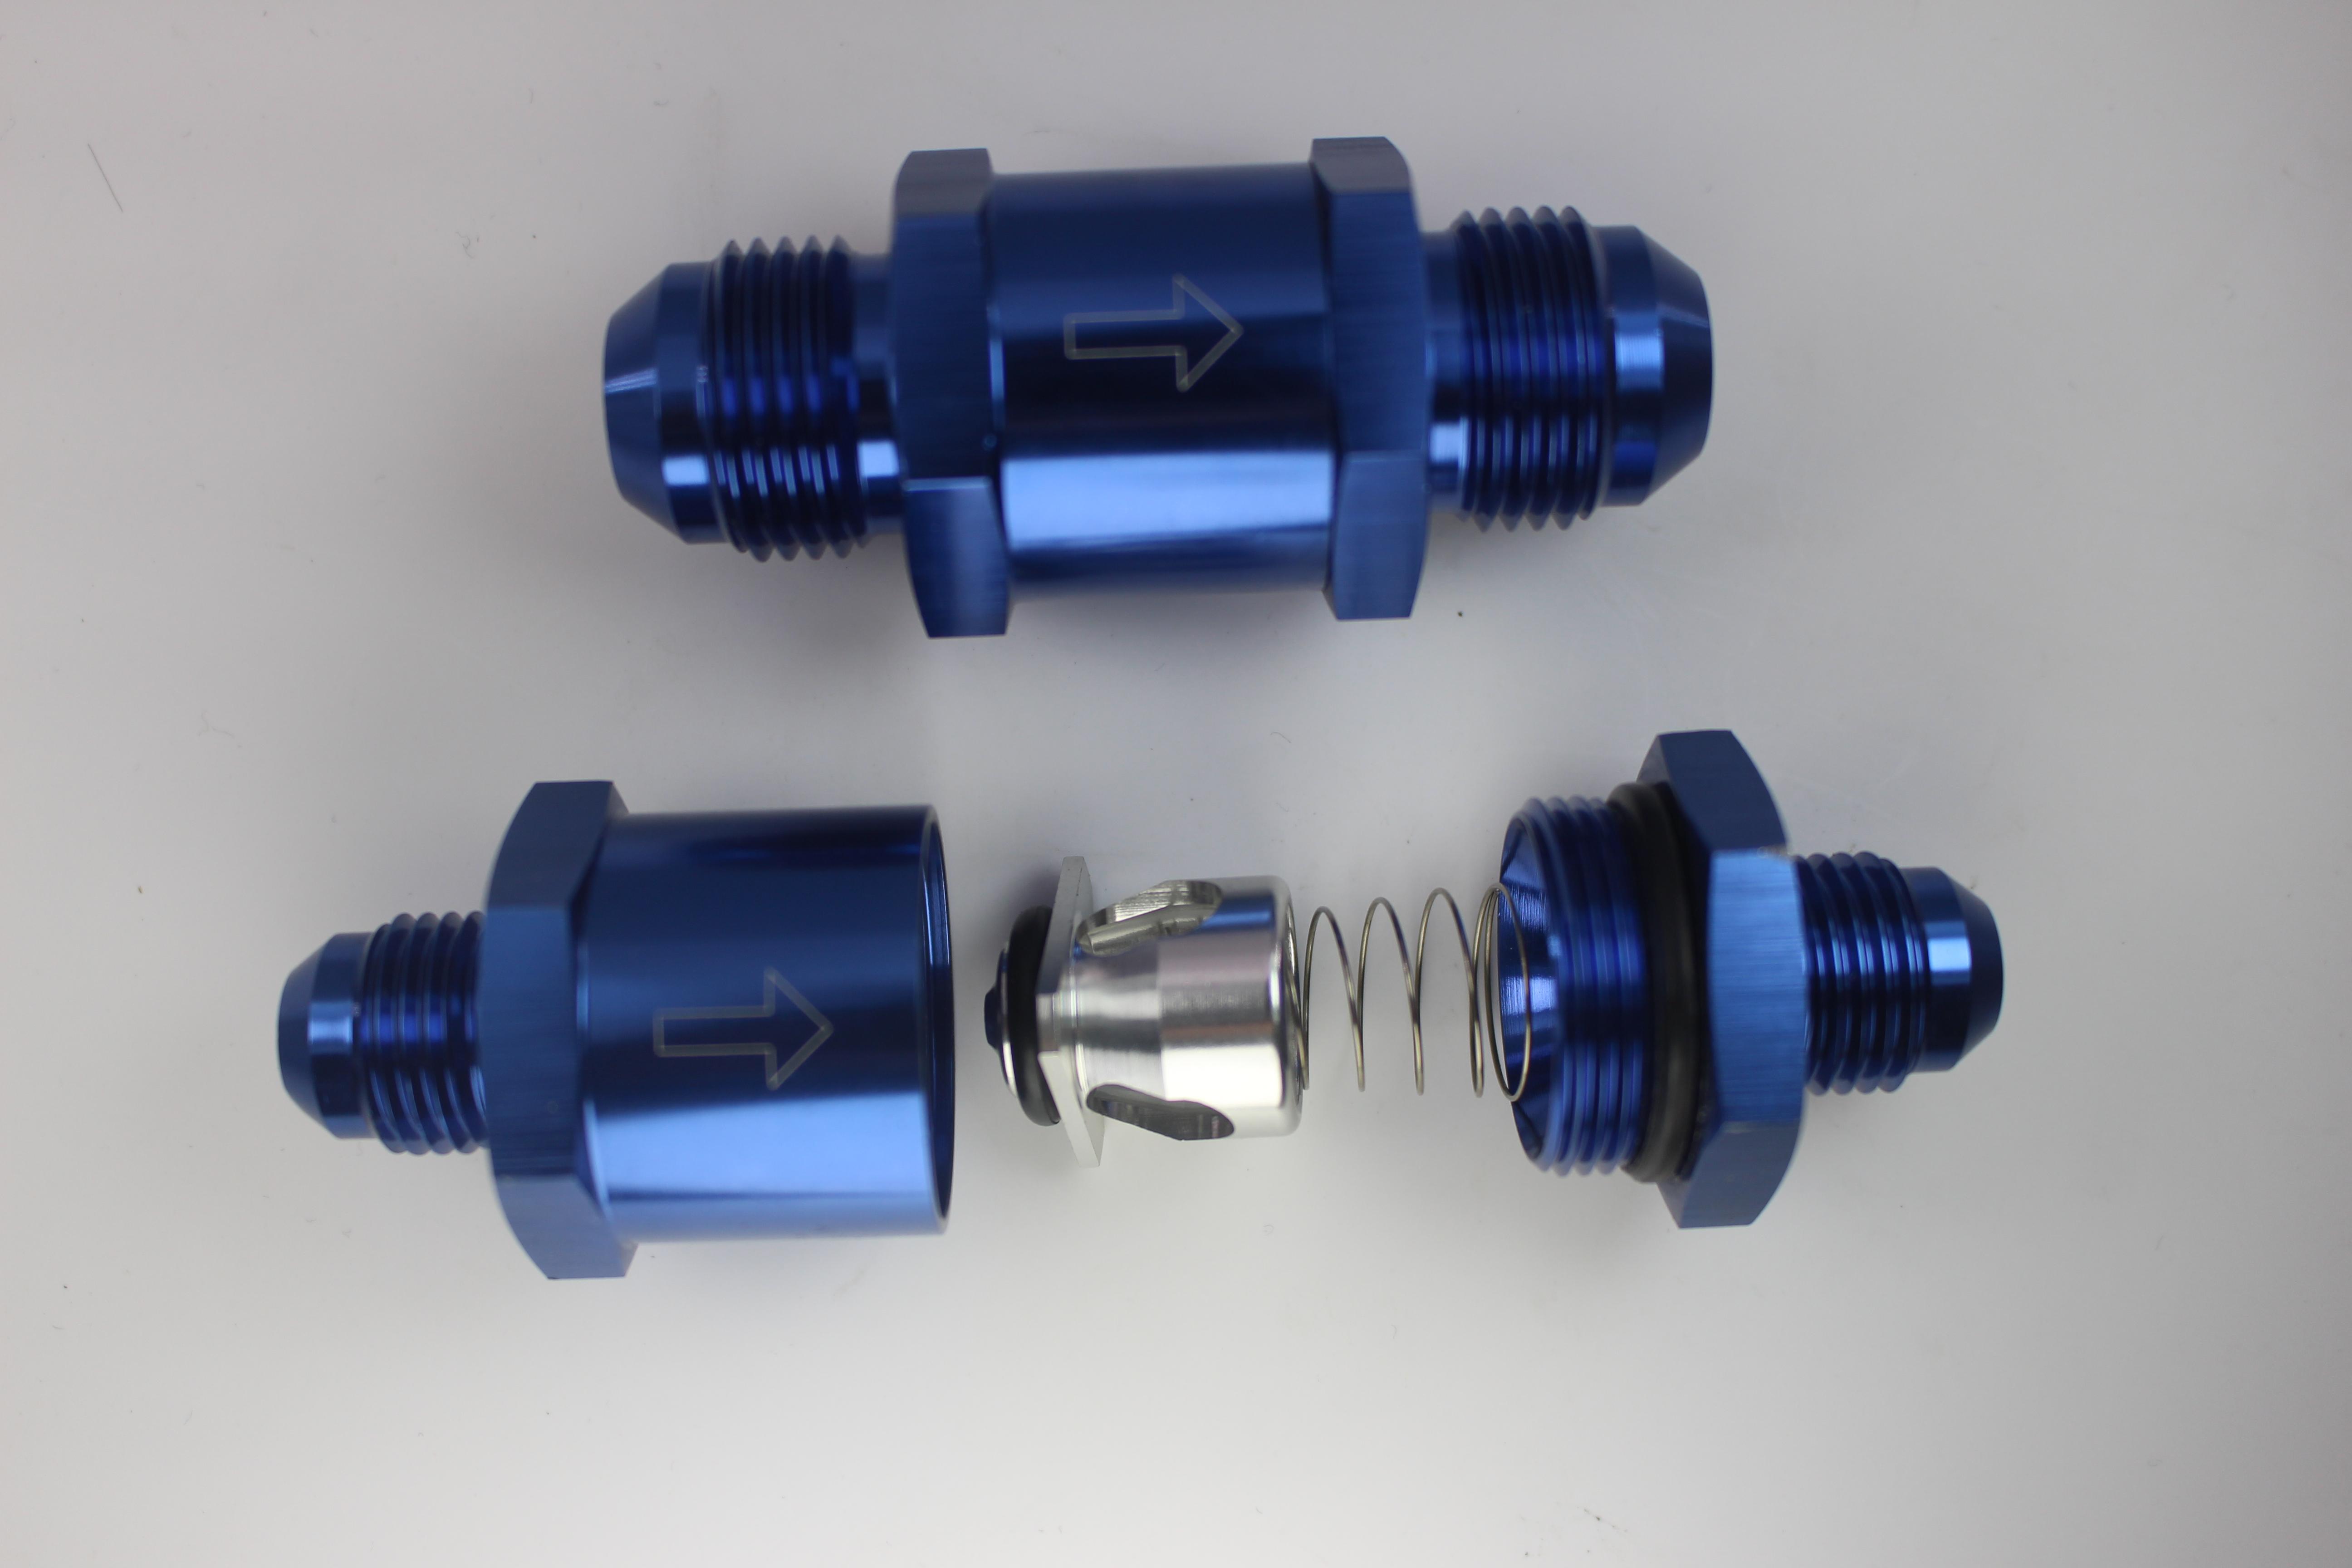 Латунные фитинги для сосков с наружной резьбой, фитинги для соединения с внешней резьбой, соединение с внешней резьбой